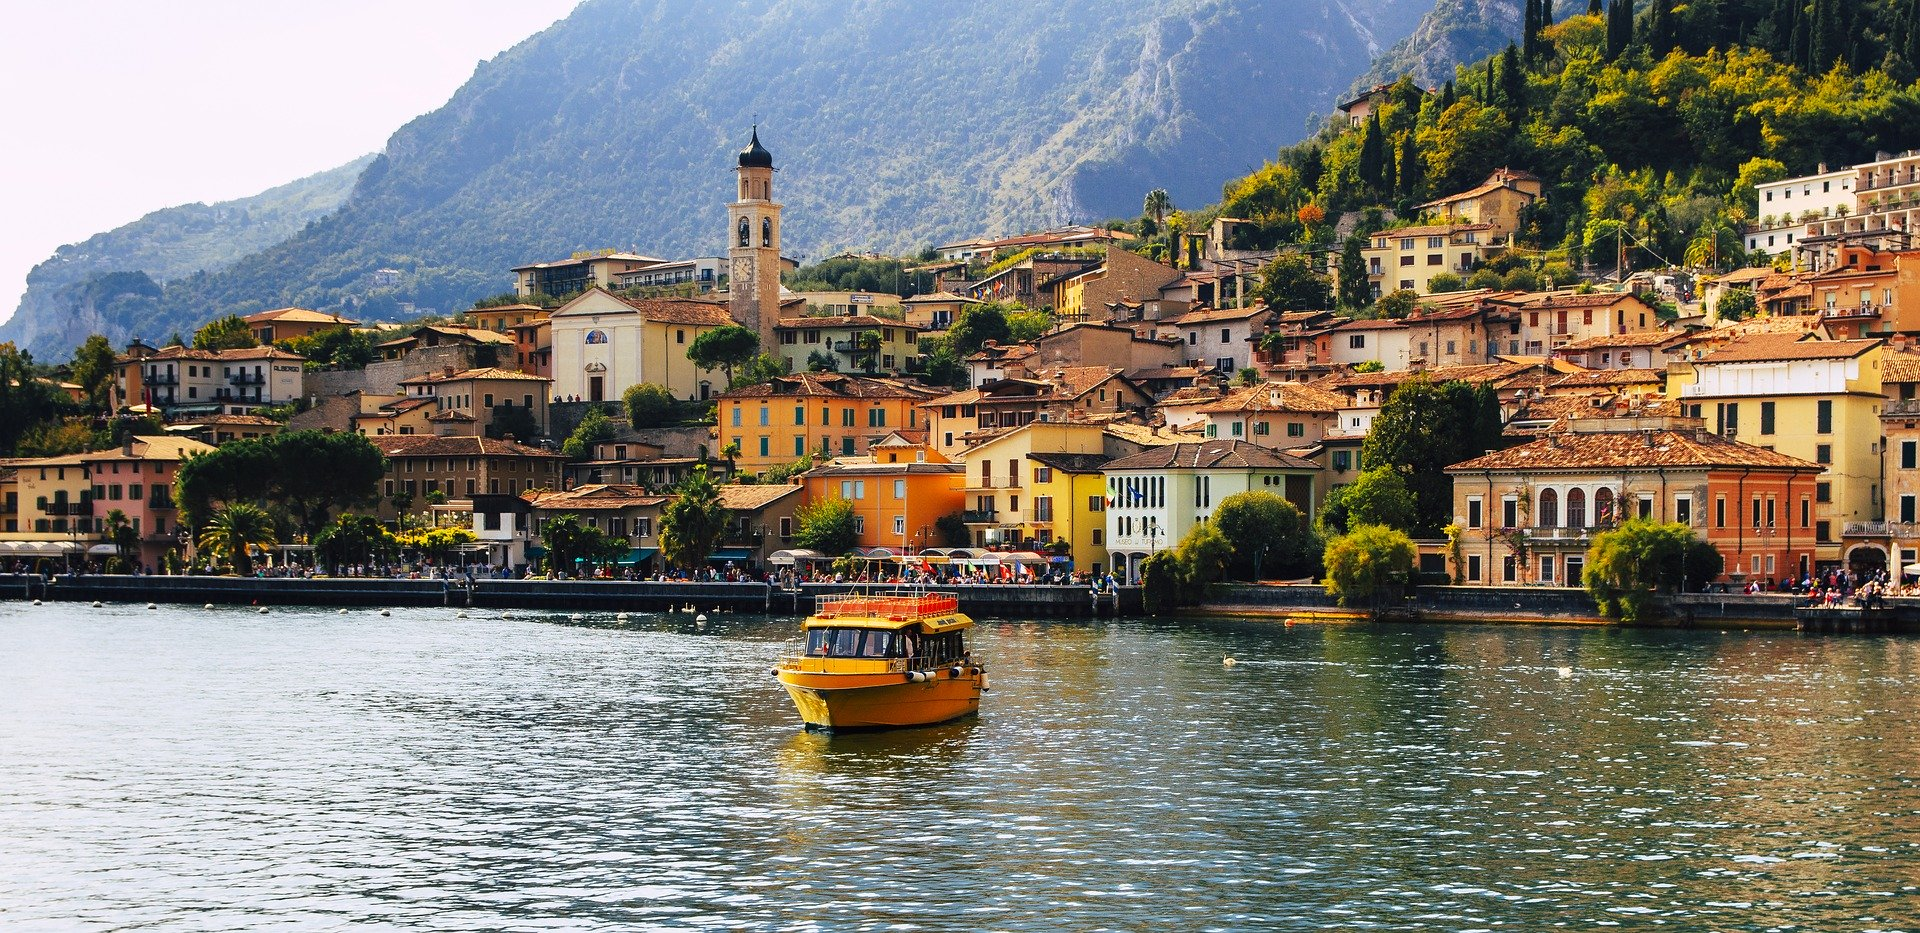 Vacanze Pasqua 2020 Lombardia